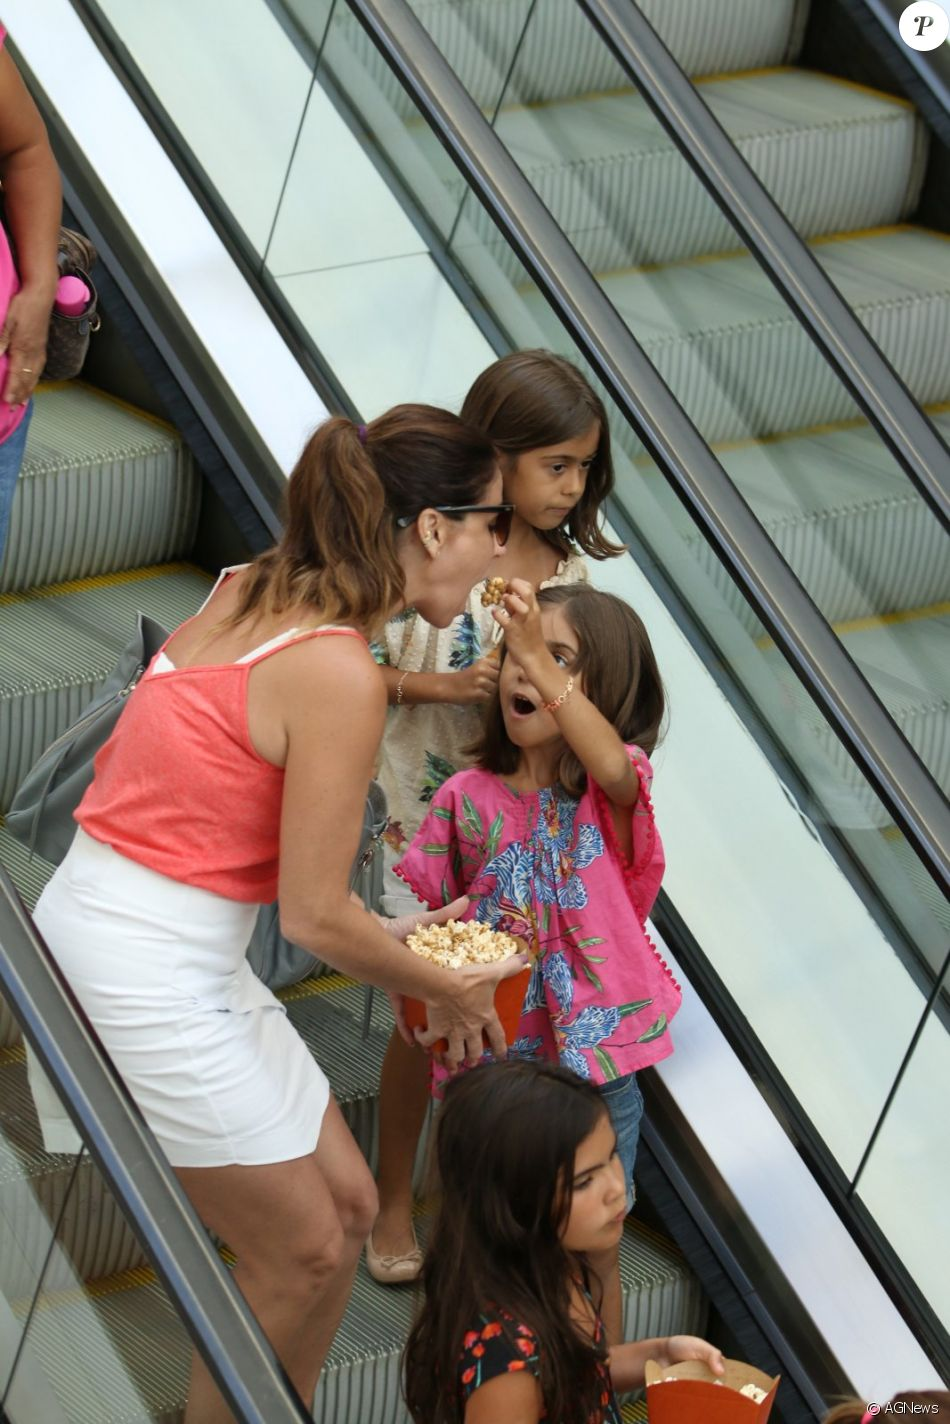 Giovanna Antonelli levou as filhas gêmeas, Antonia e Sofia, ao cinema neste domingo, 8 de janeiro de 2017